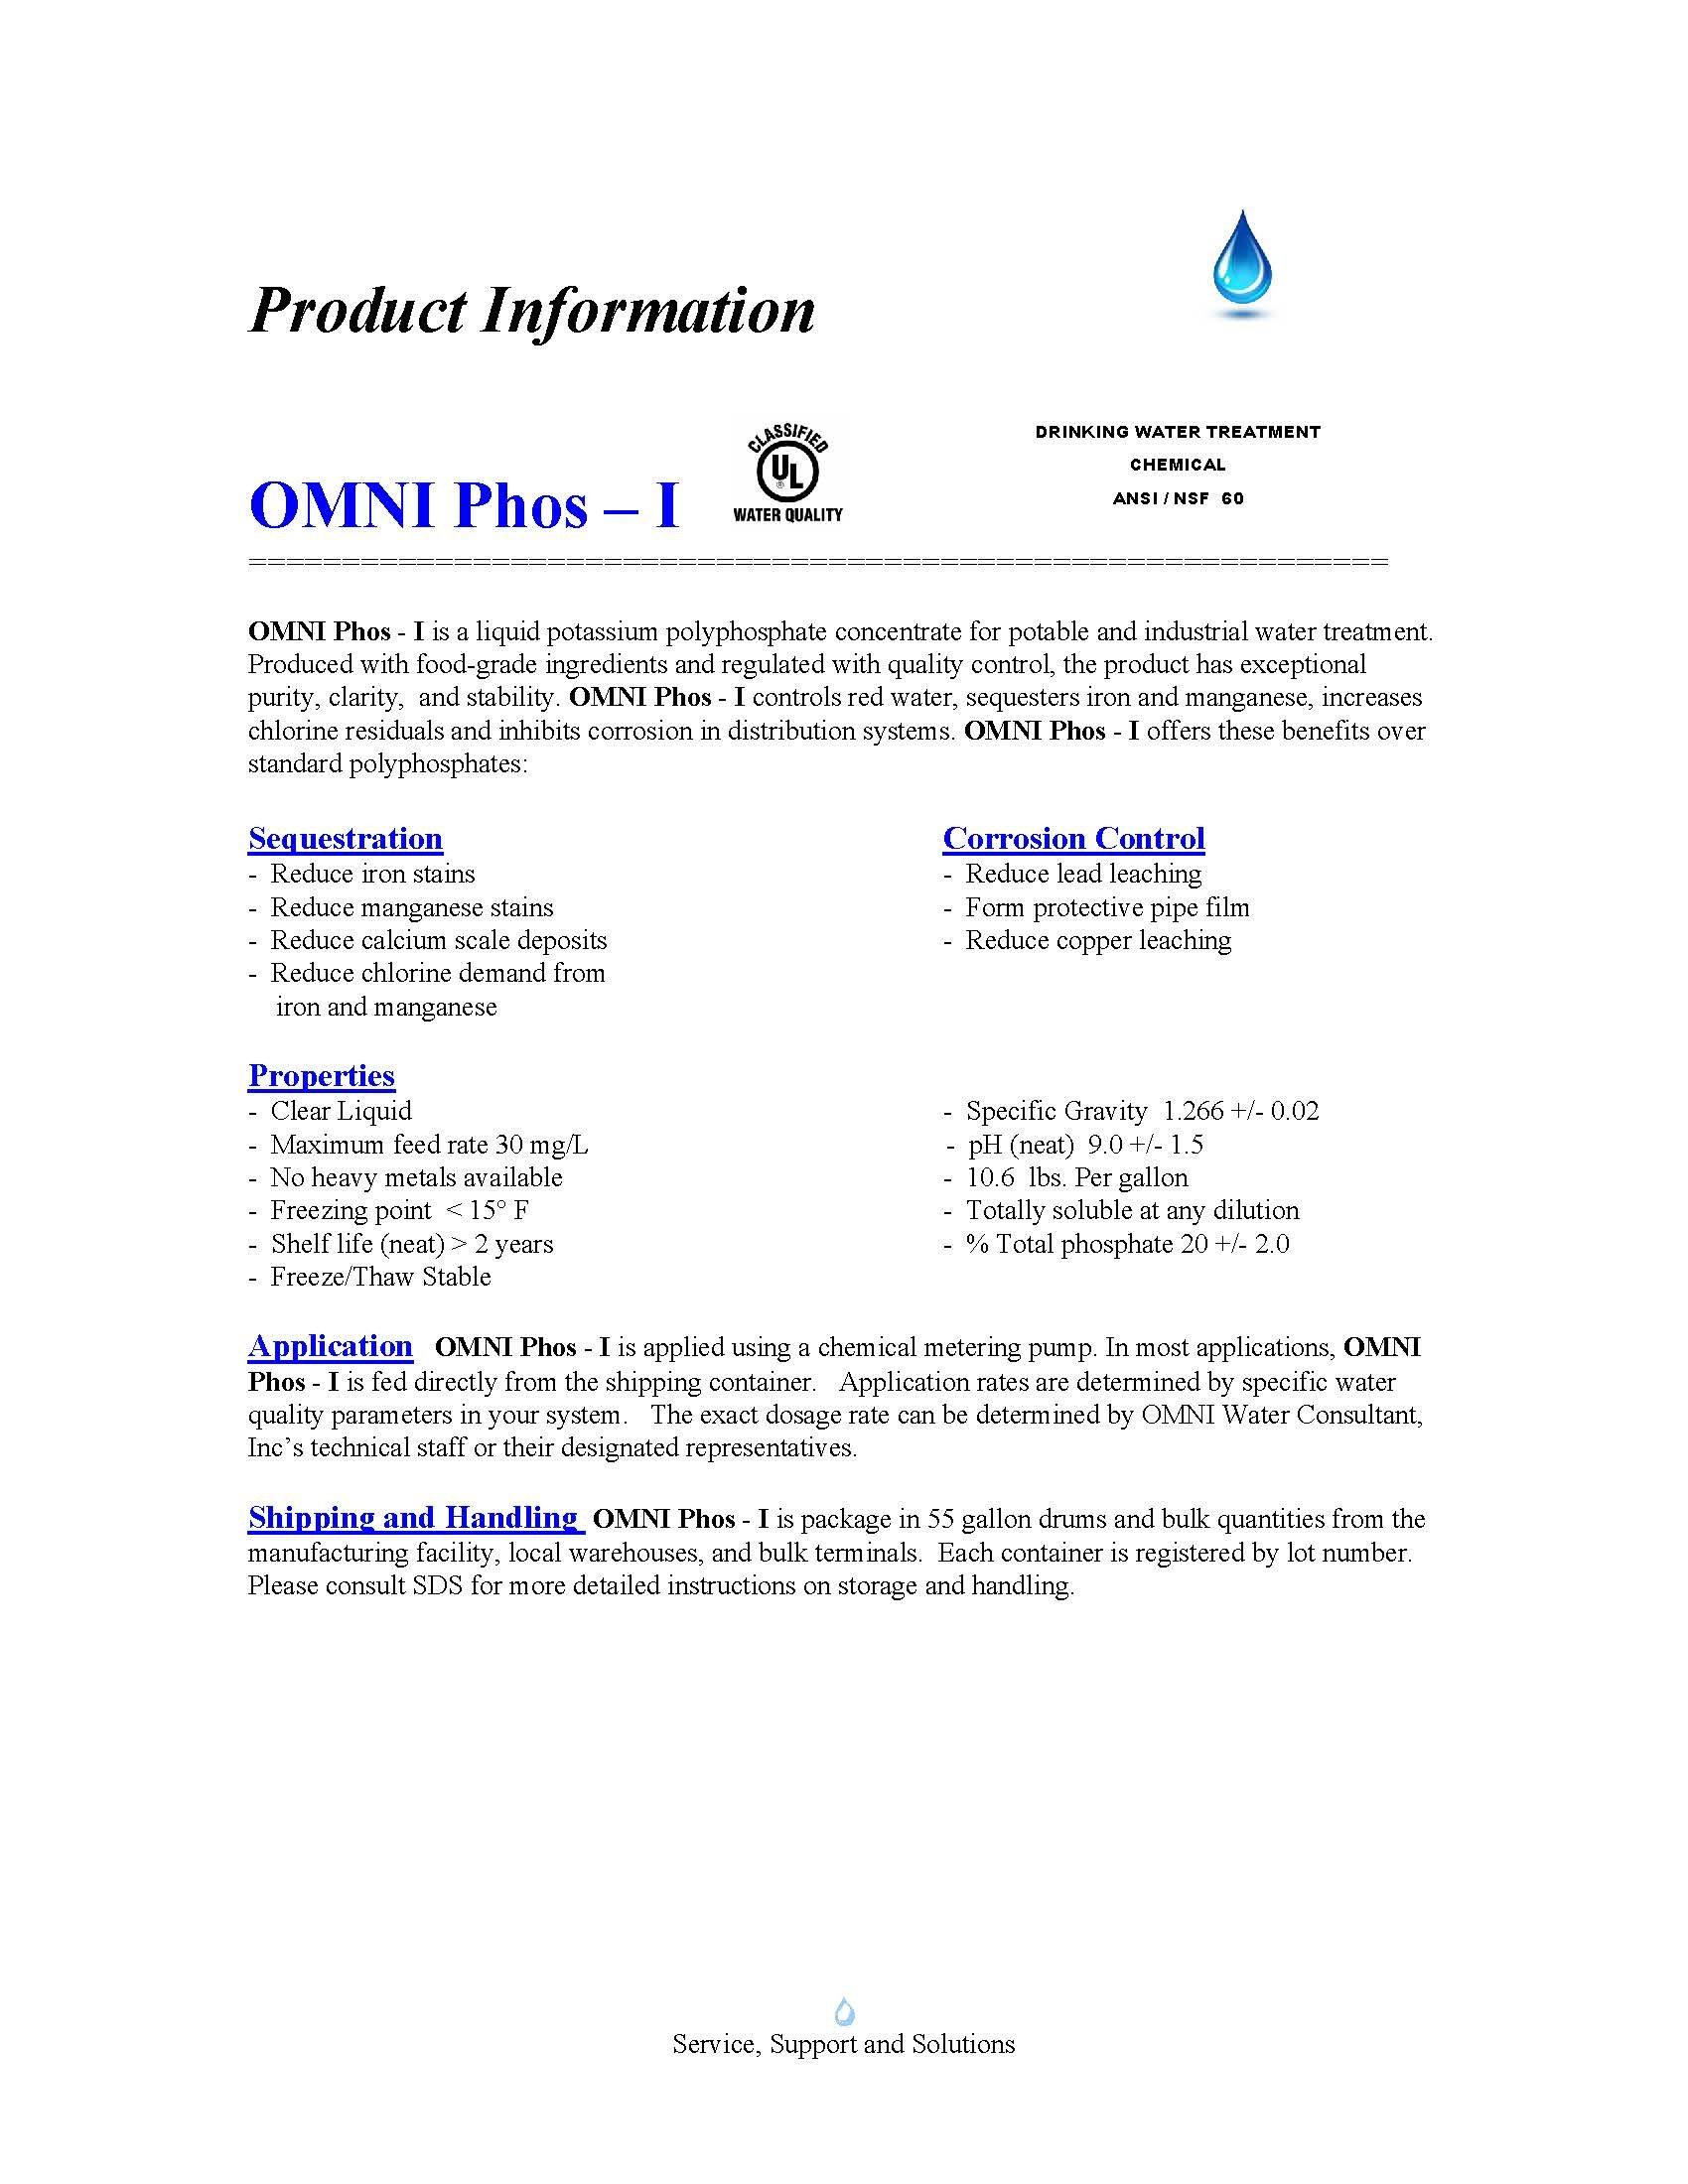 OMNI Phos-I Product Sheet